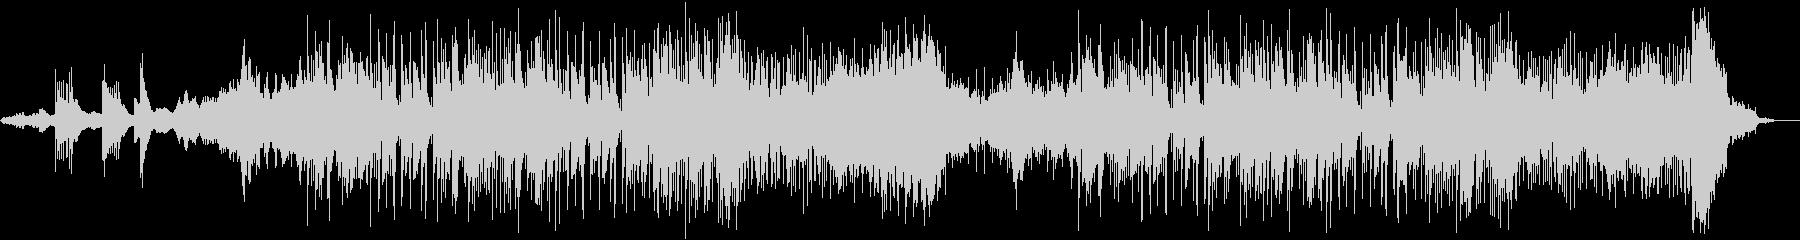 幻想的な和風曲(long)の未再生の波形